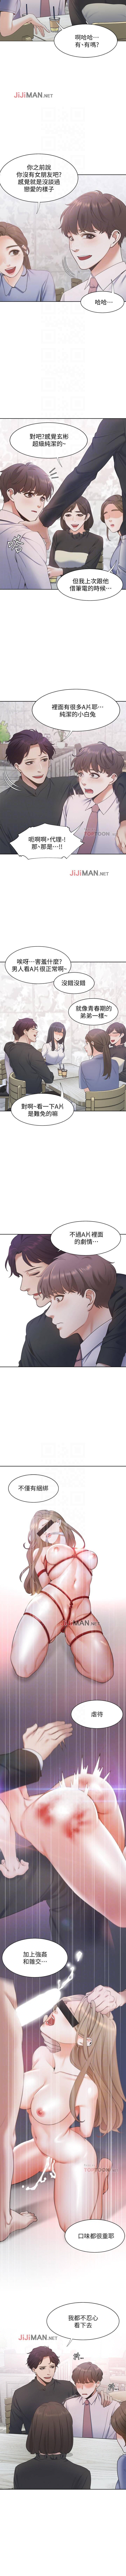 【周五连载】渴望:爱火难耐(作者:Appeal&格子17) 第1~24话 58